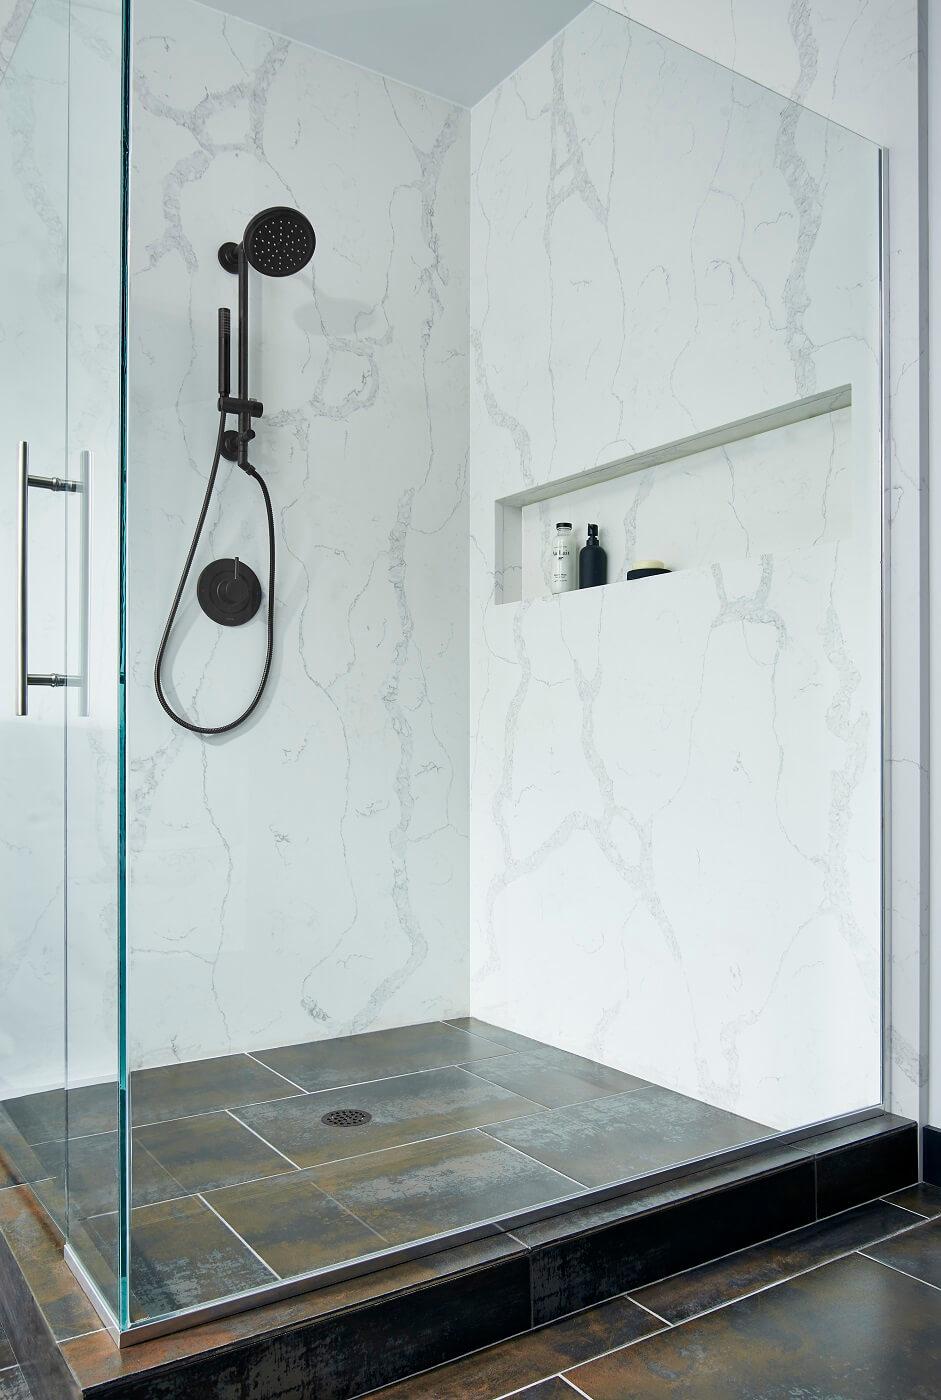 Bathroom 0187 Detail A